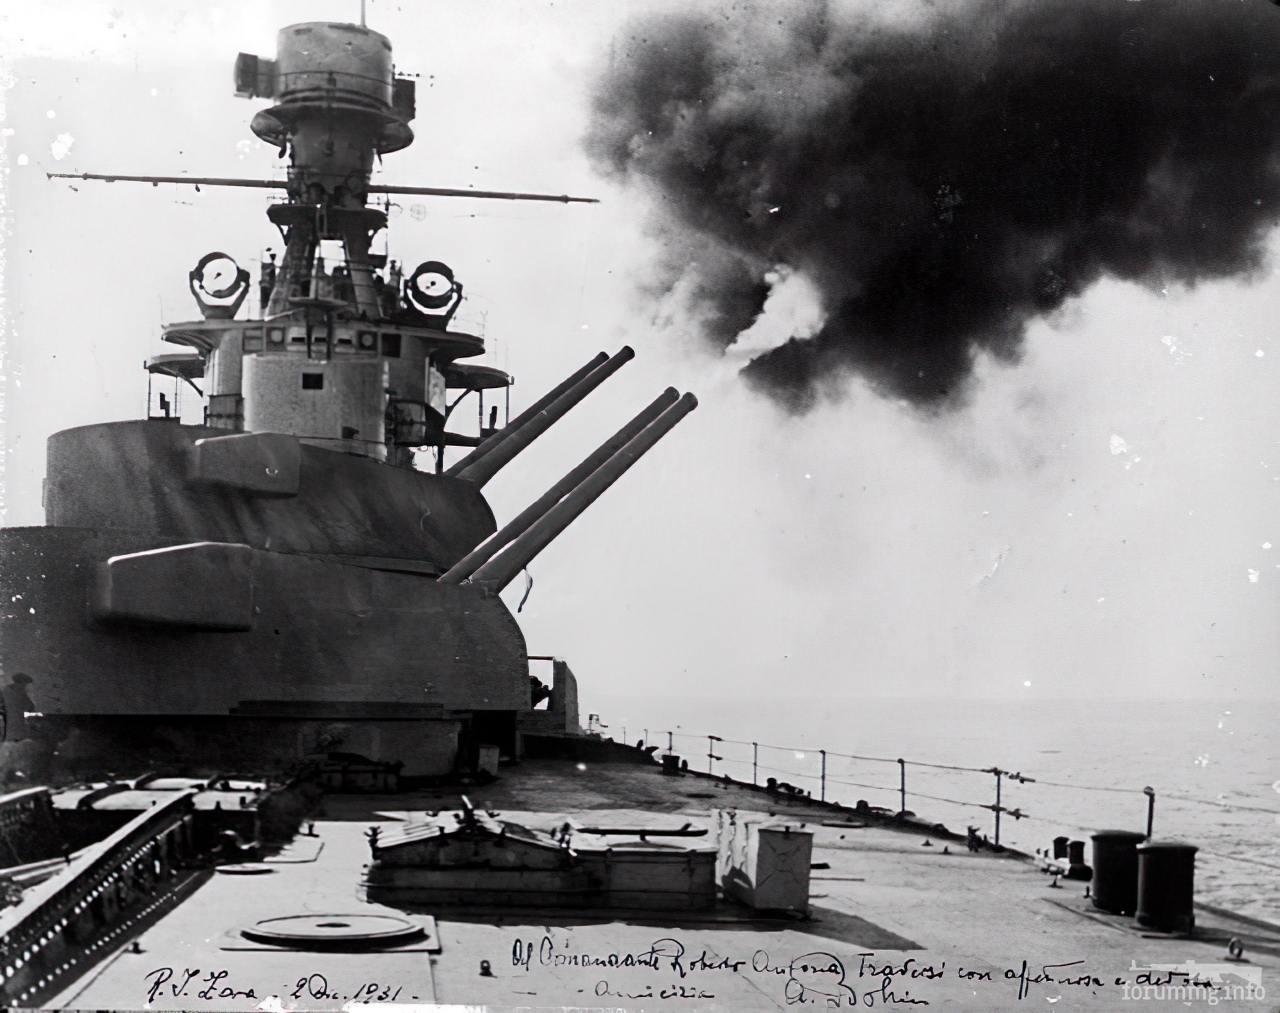 129593 - Тяжелый крейсер Zara ведет огонь главным калибром.